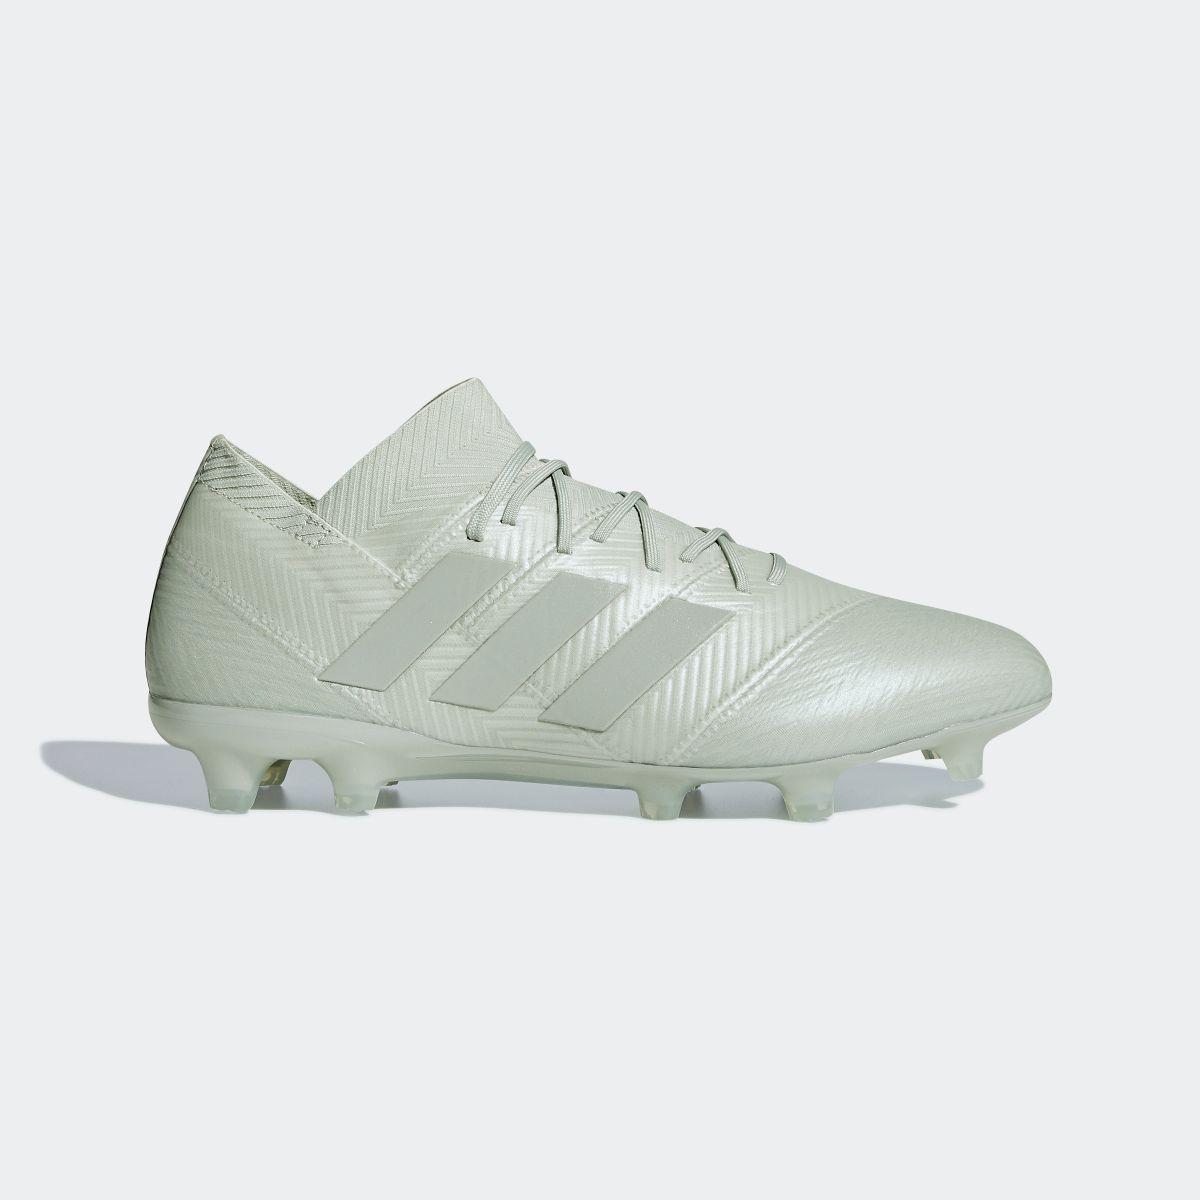 【公式】アディダス adidas ネメシス 18.1 FG/AG メンズ DB2081 サッカー シューズ スパイク【firm_ground】【artificial_ground】【spike】